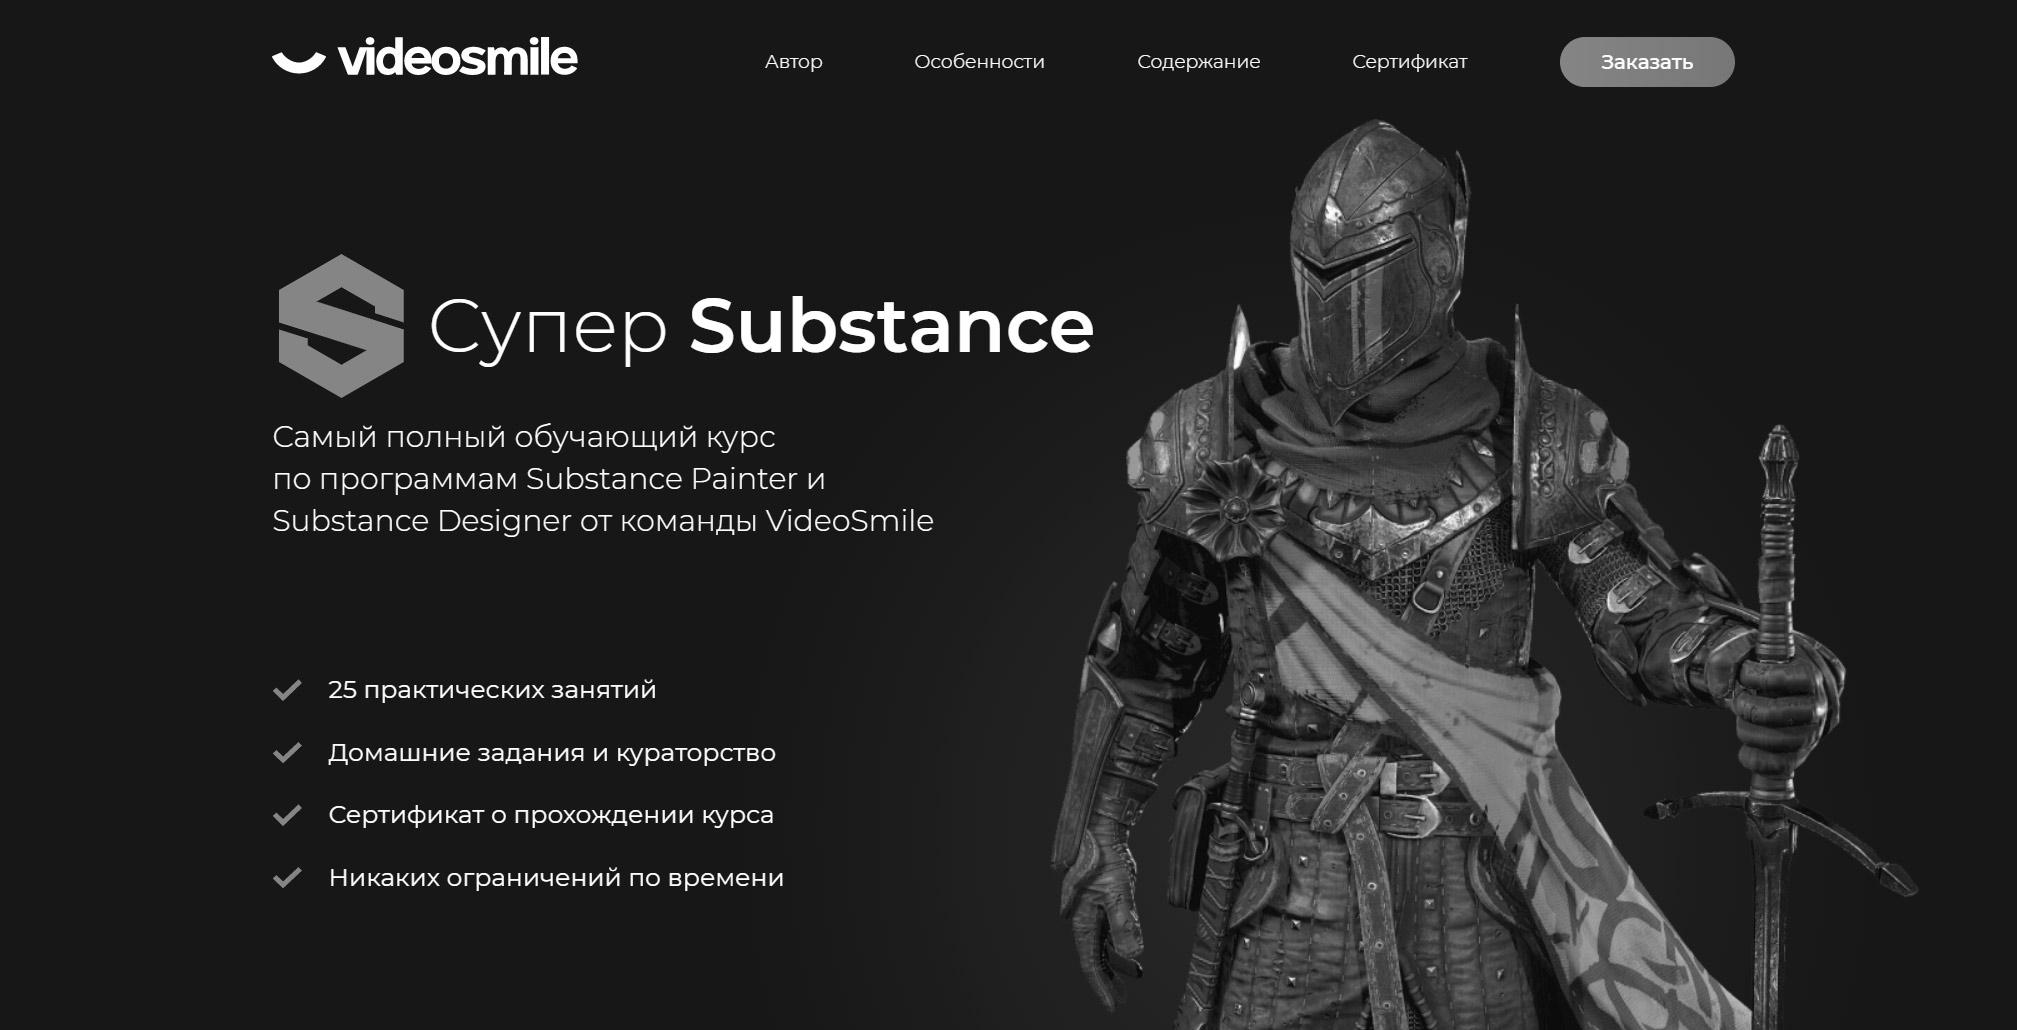 Скидка на курс Супер Substance от команды VideoSmile